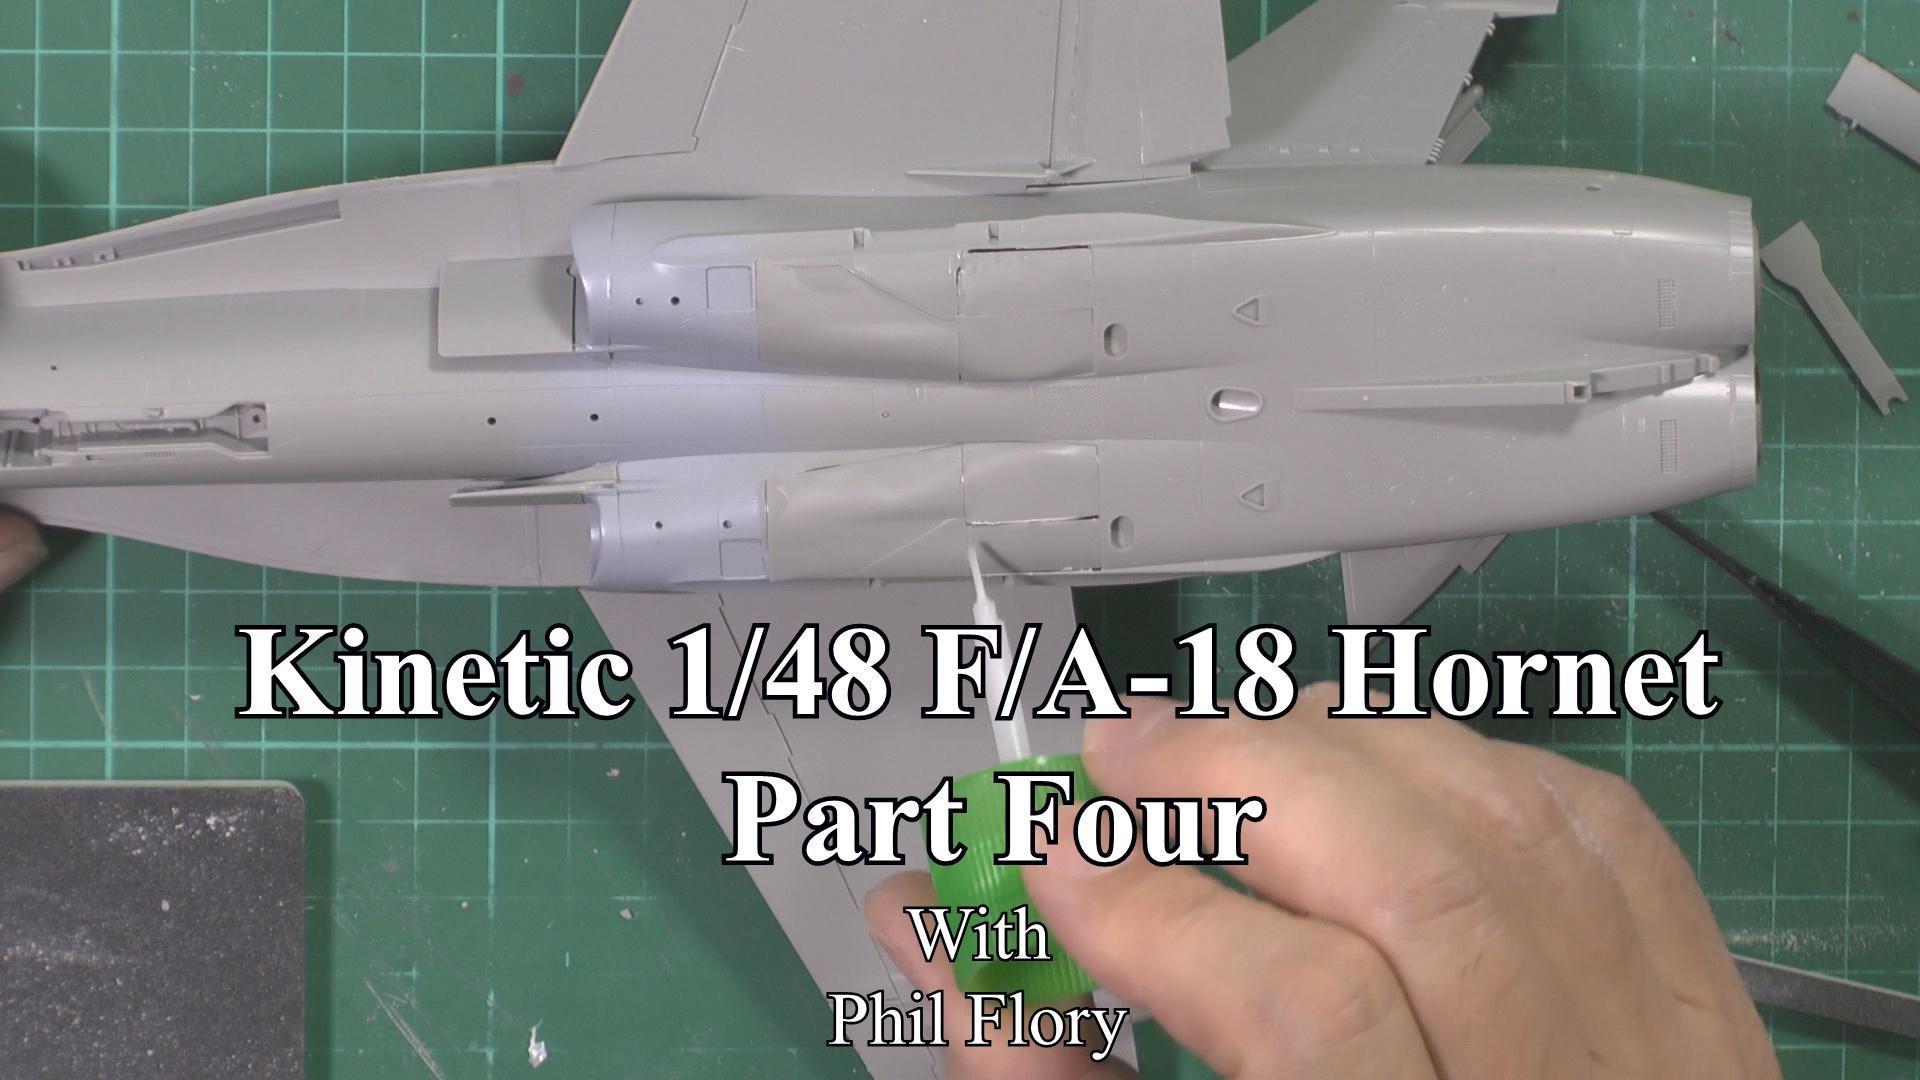 Kinetic Hornet part 4 pic 5.jpg